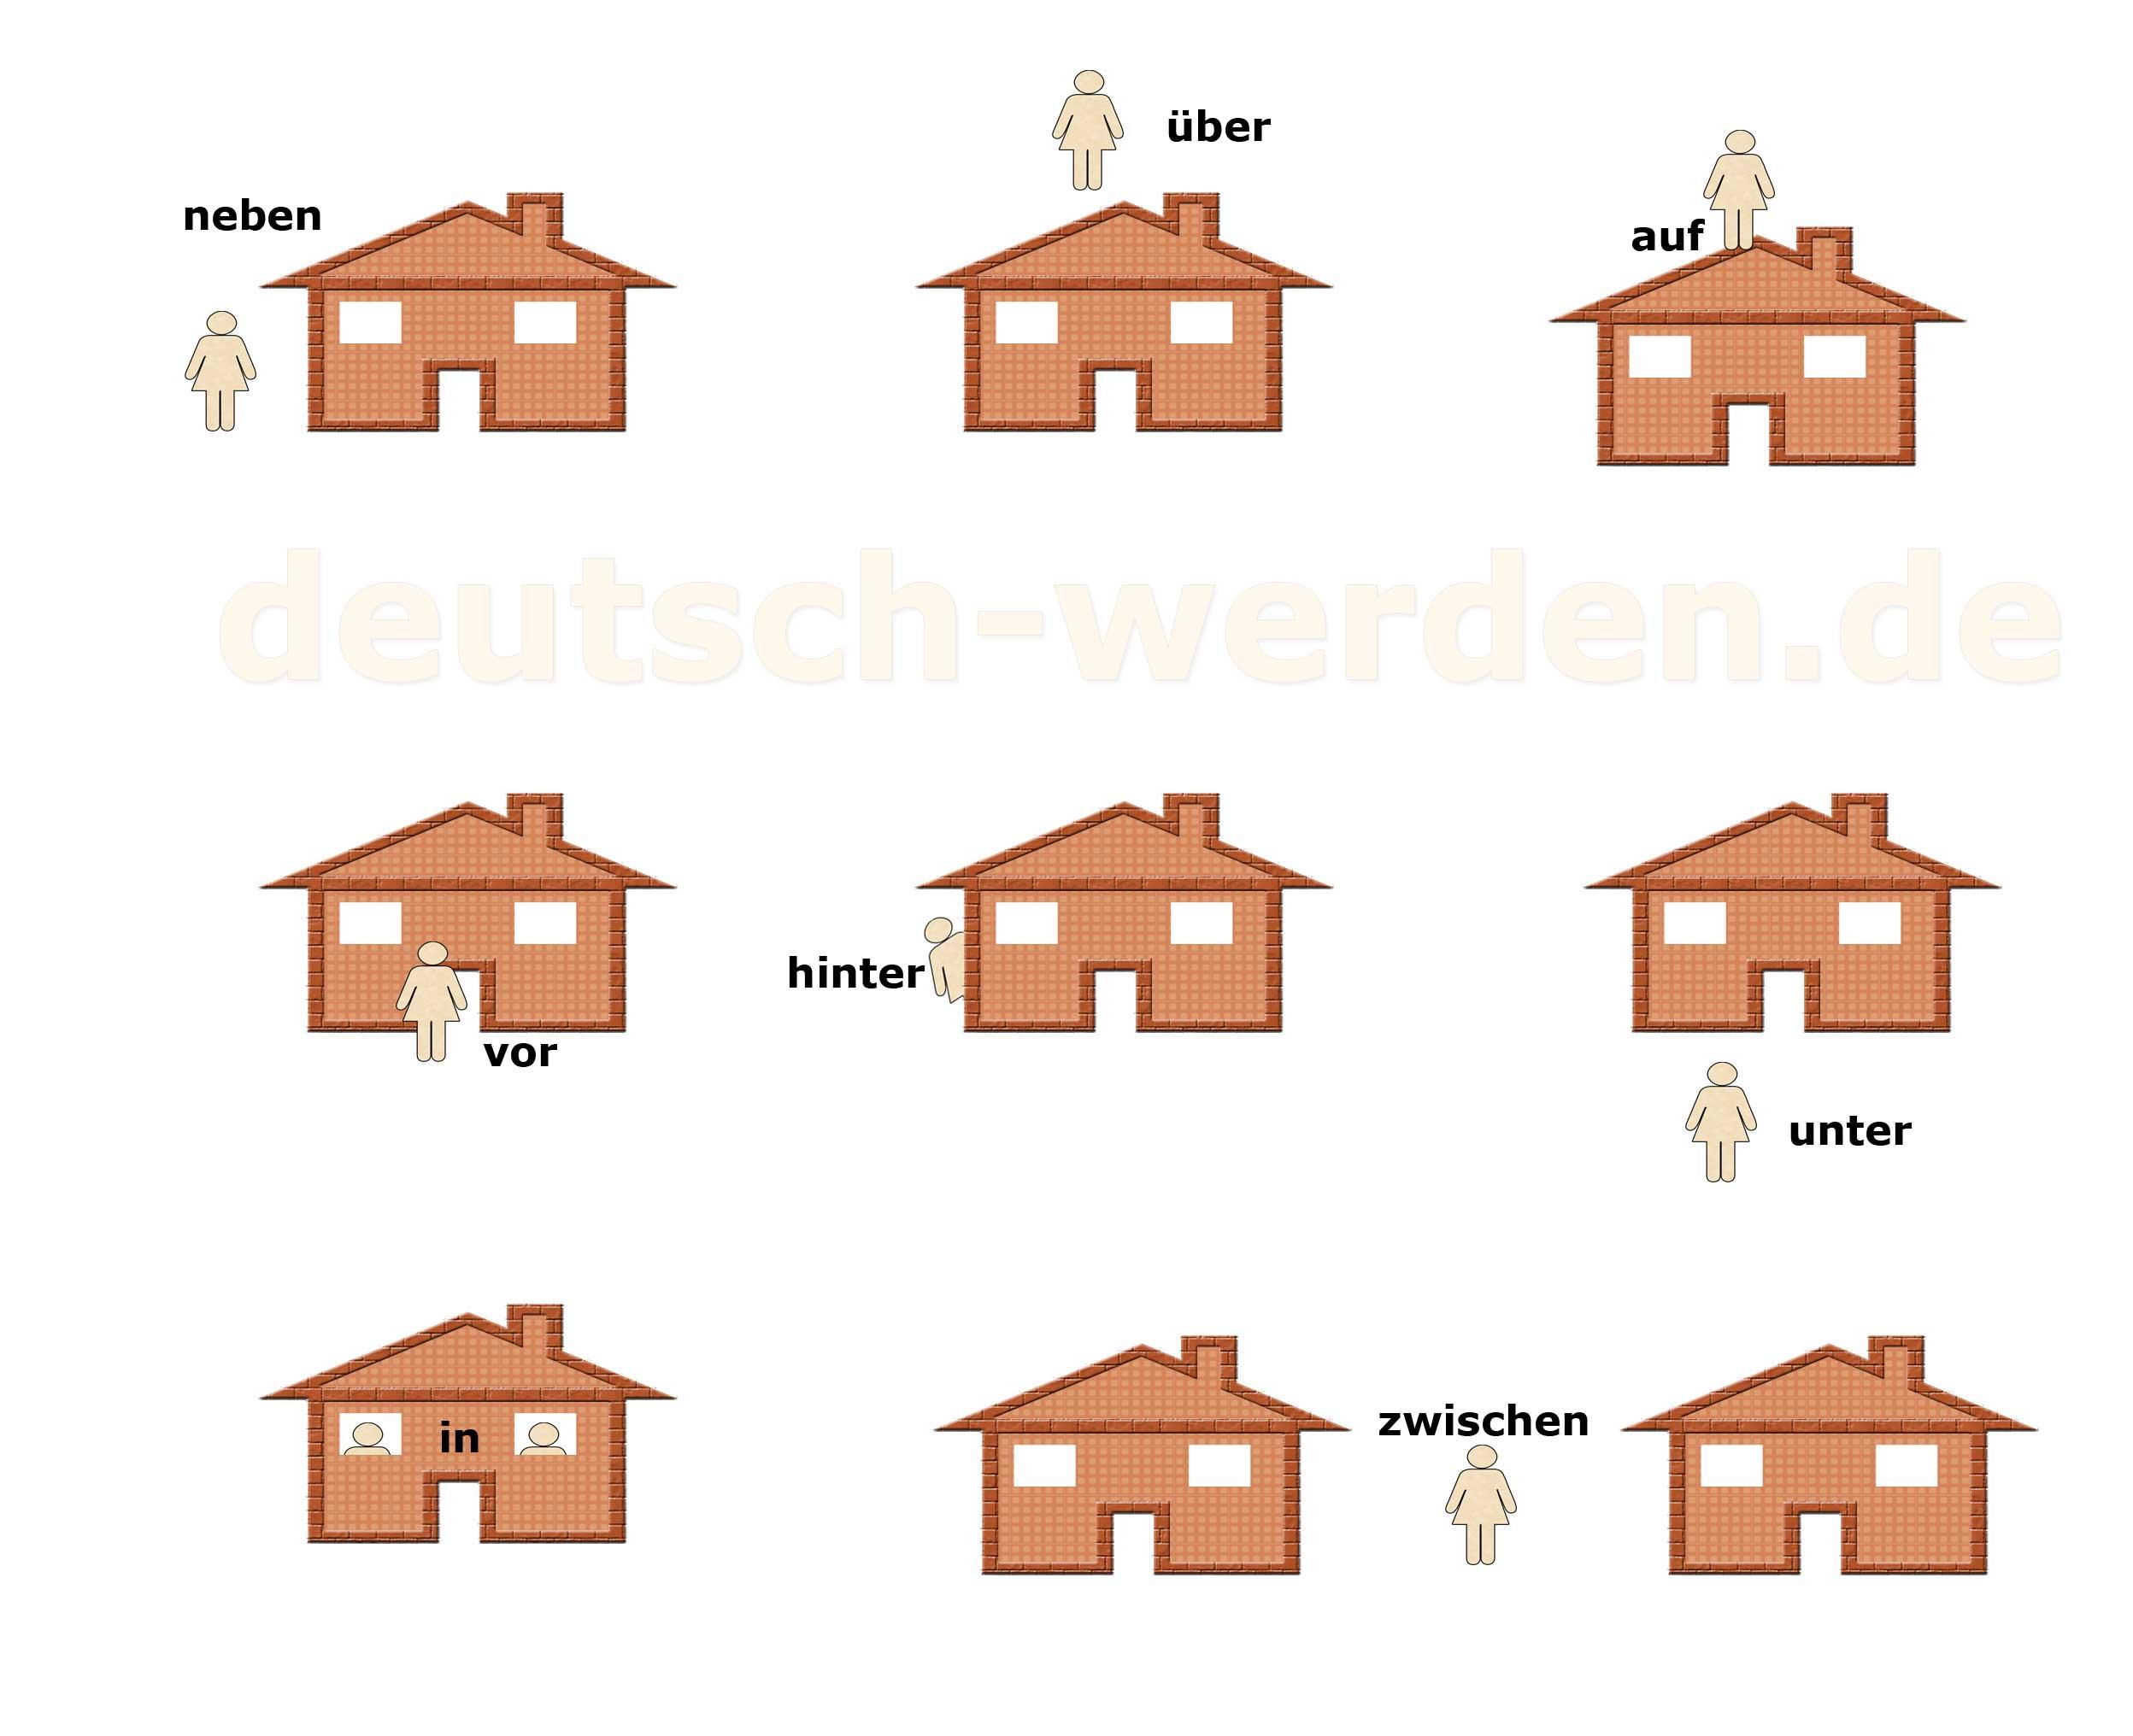 Liste der Präpositionen auf Deutsch mit Infografik und Verwendung in ...